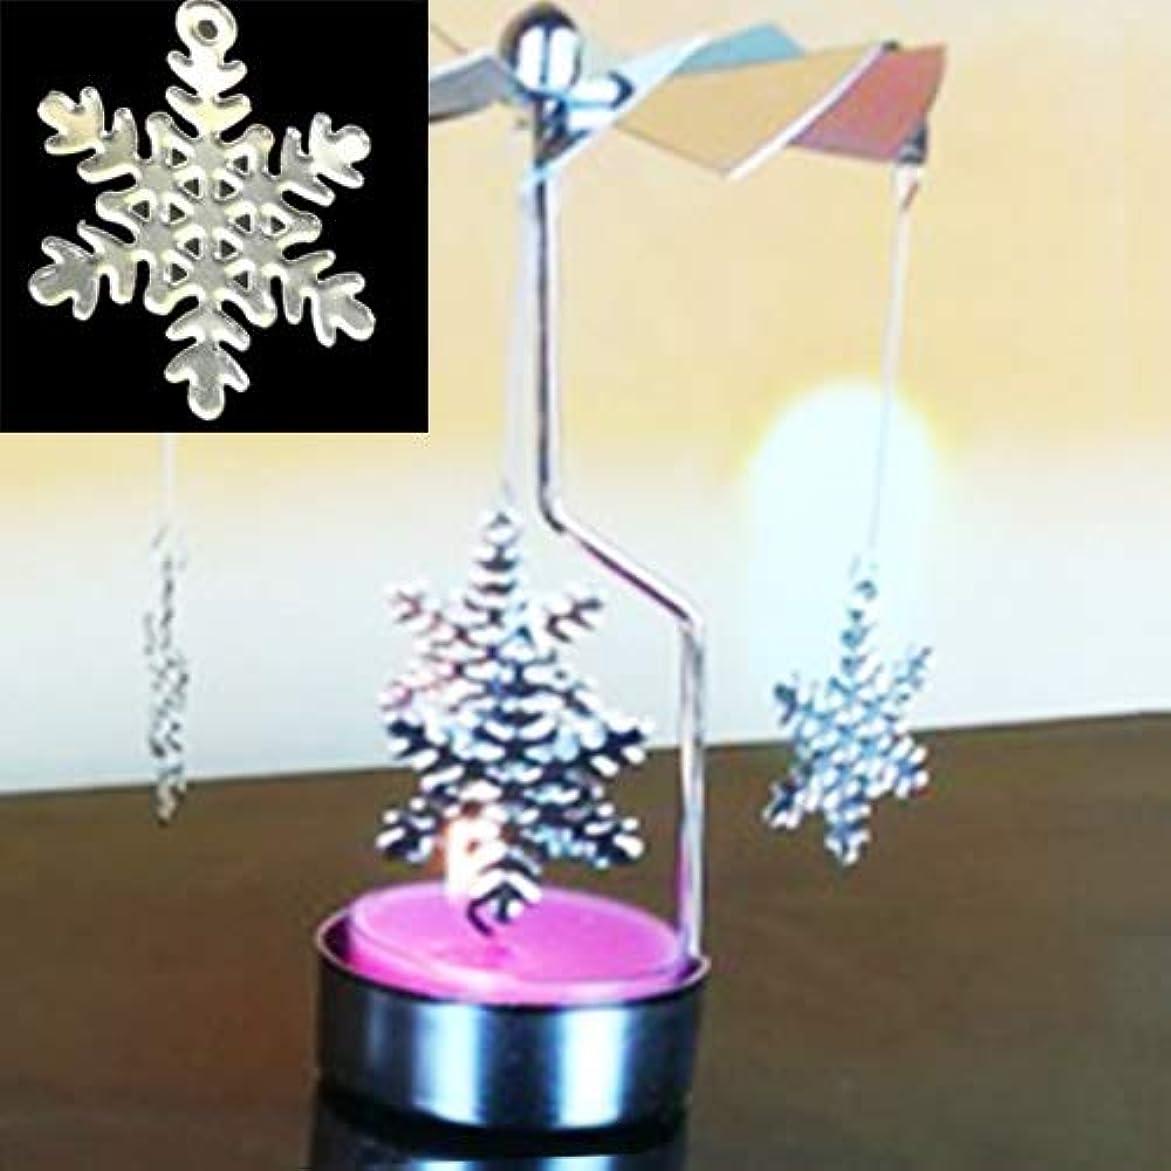 ガスビールハムLabos クリスマス新年のホームデコレーションクリスマスツリーのパターンのメタルファッション回転ローソク足 (色 : Color4)